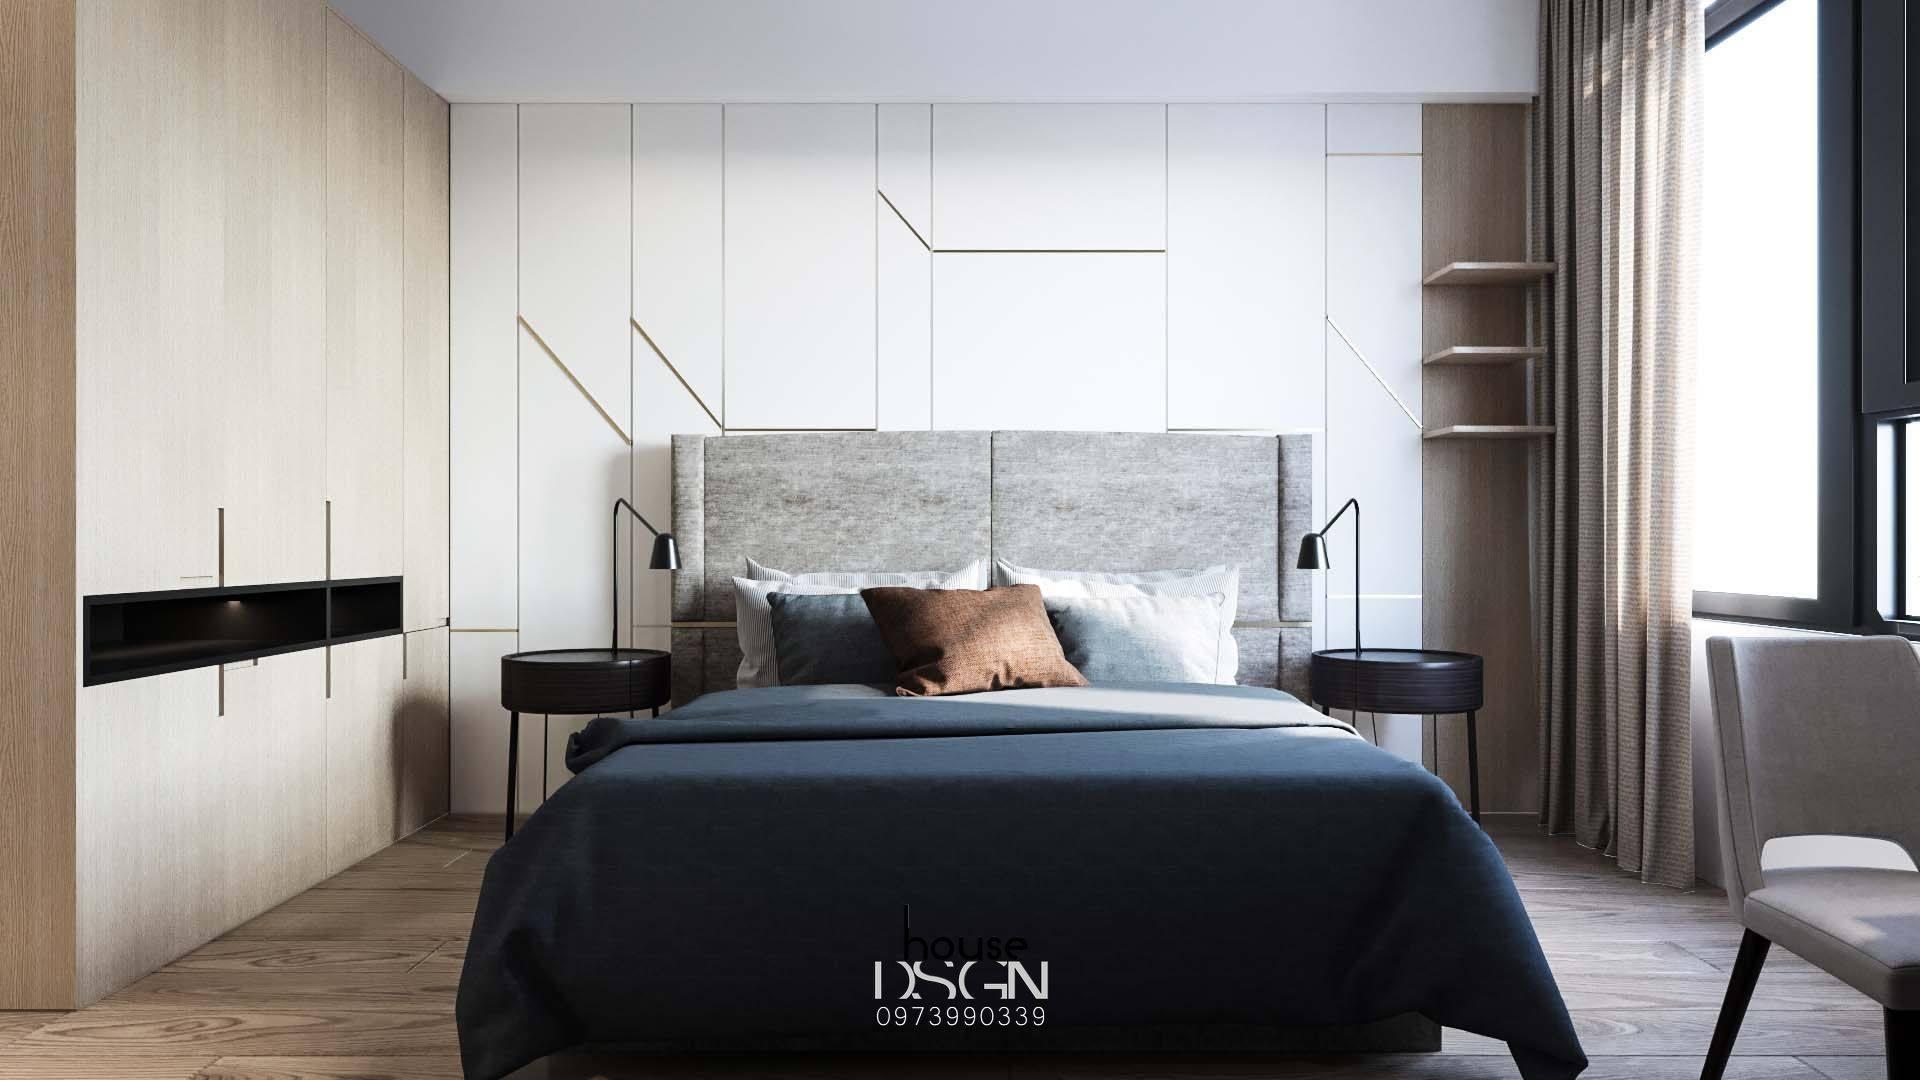 thiết kế đồ nội thất khách sạn 4 sao chuẩn - Housedesign